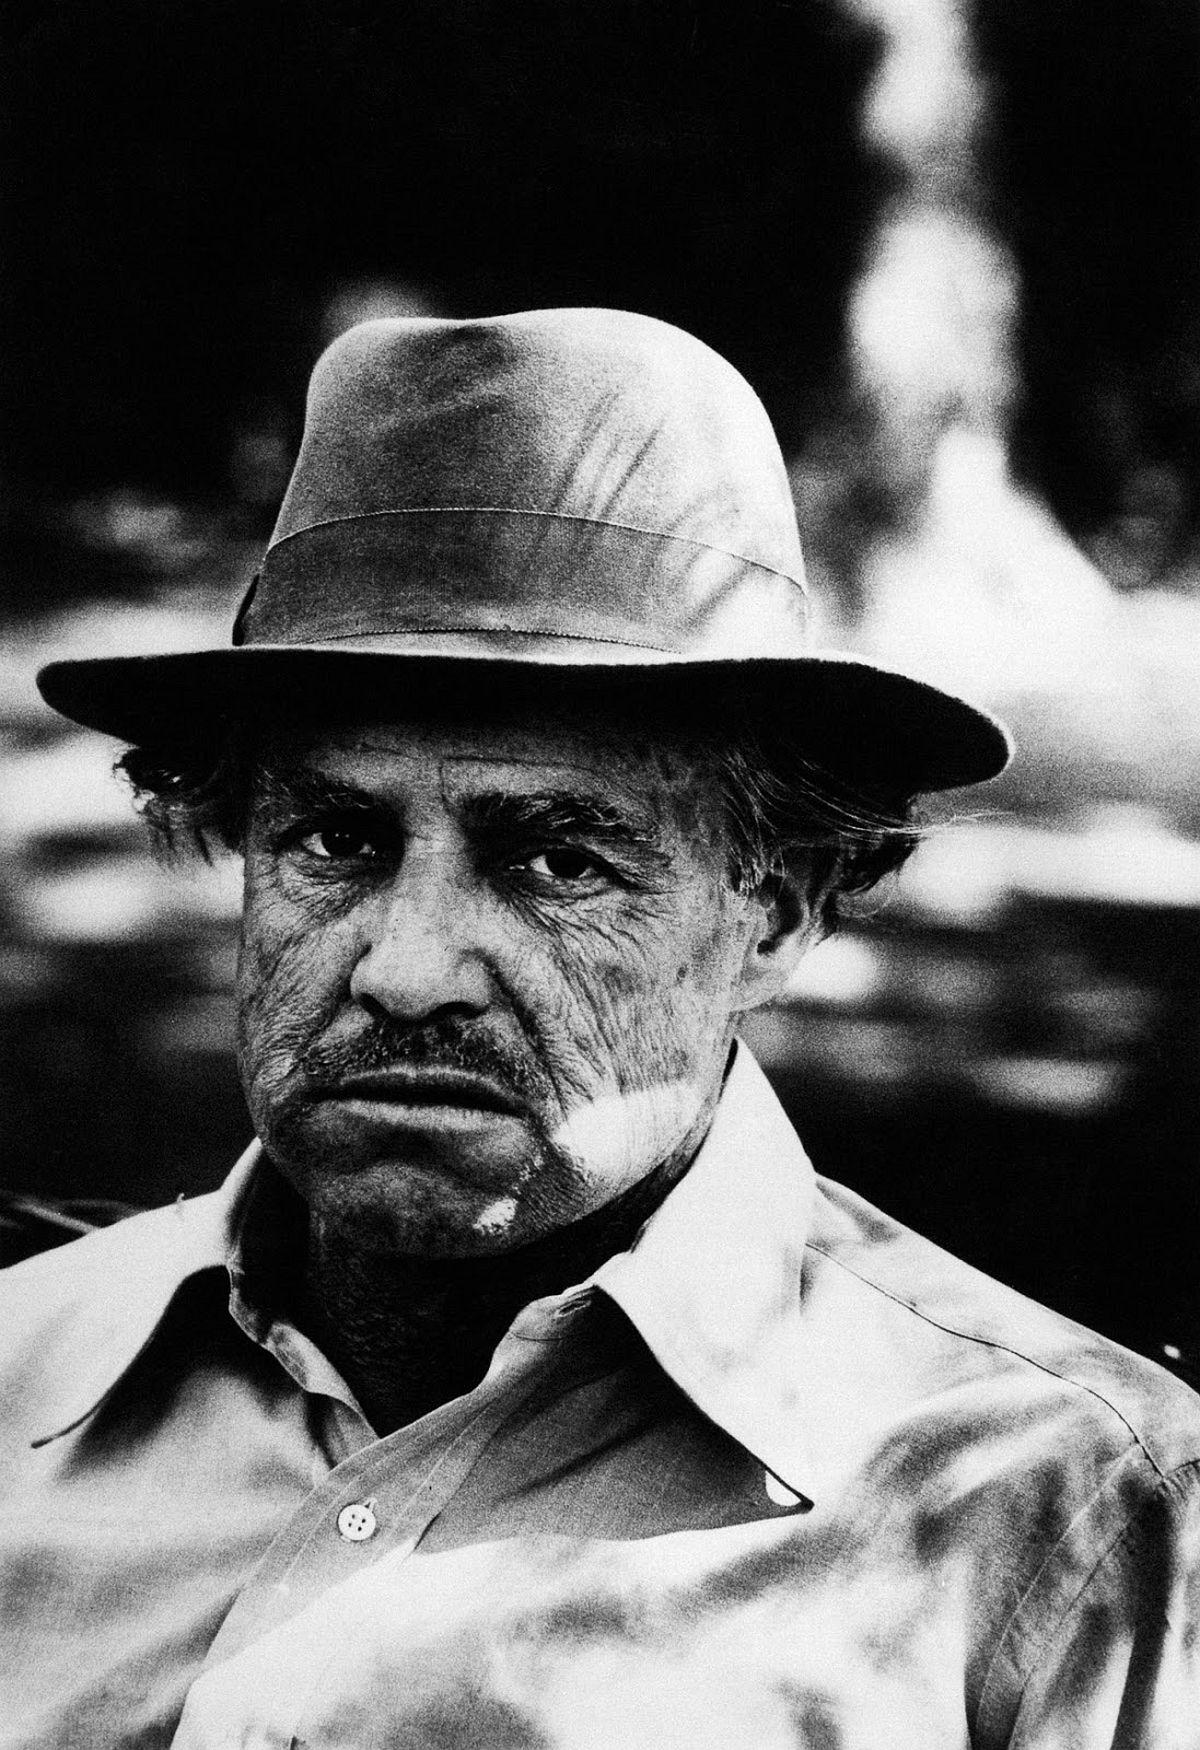 Marlon Brando in character as Don Vito Corleone.